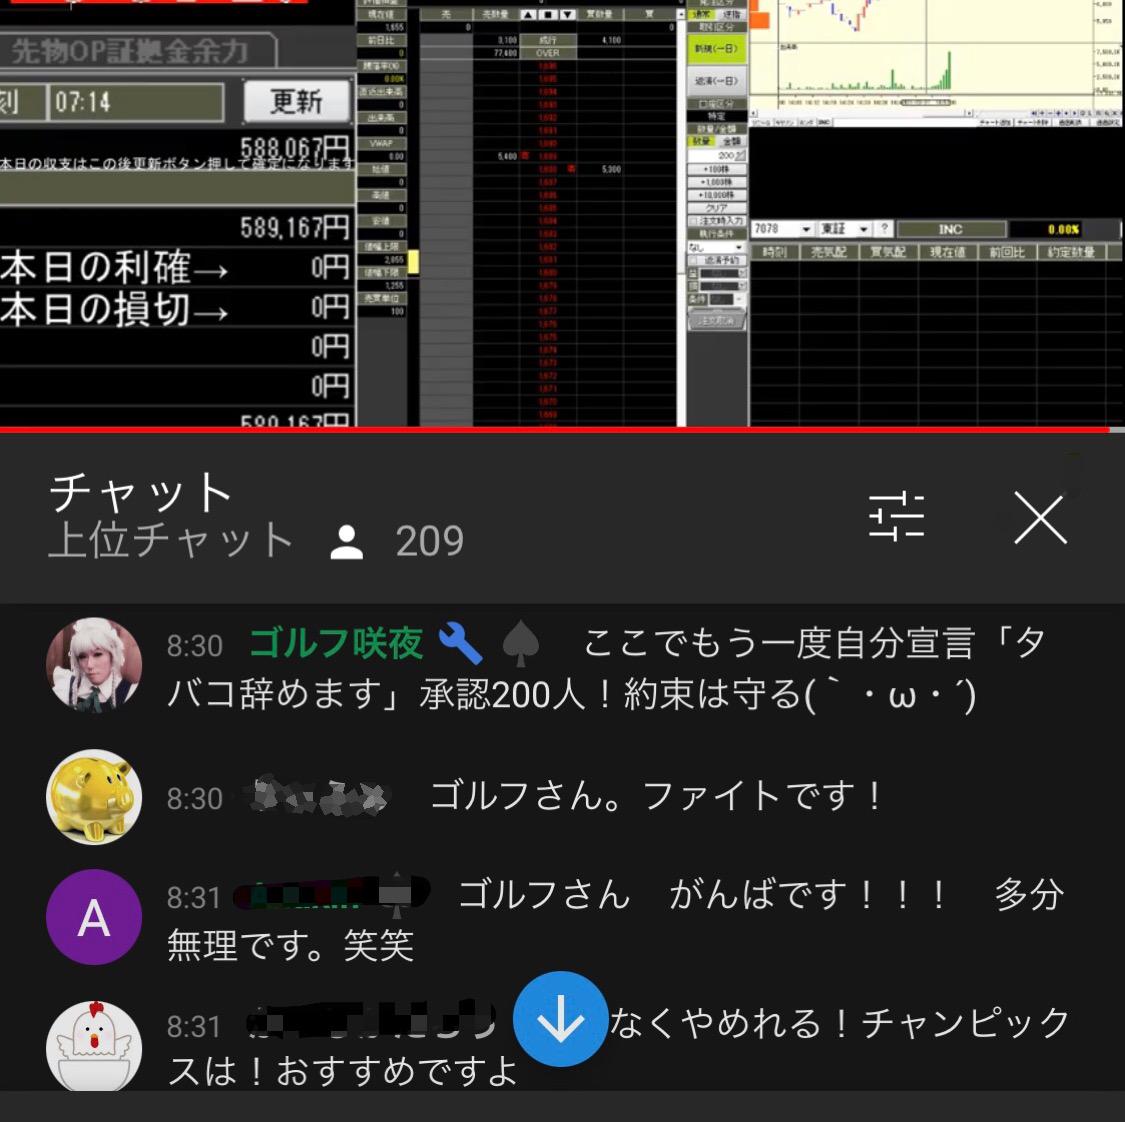 f:id:sakuya_golf:20210401155806j:plain